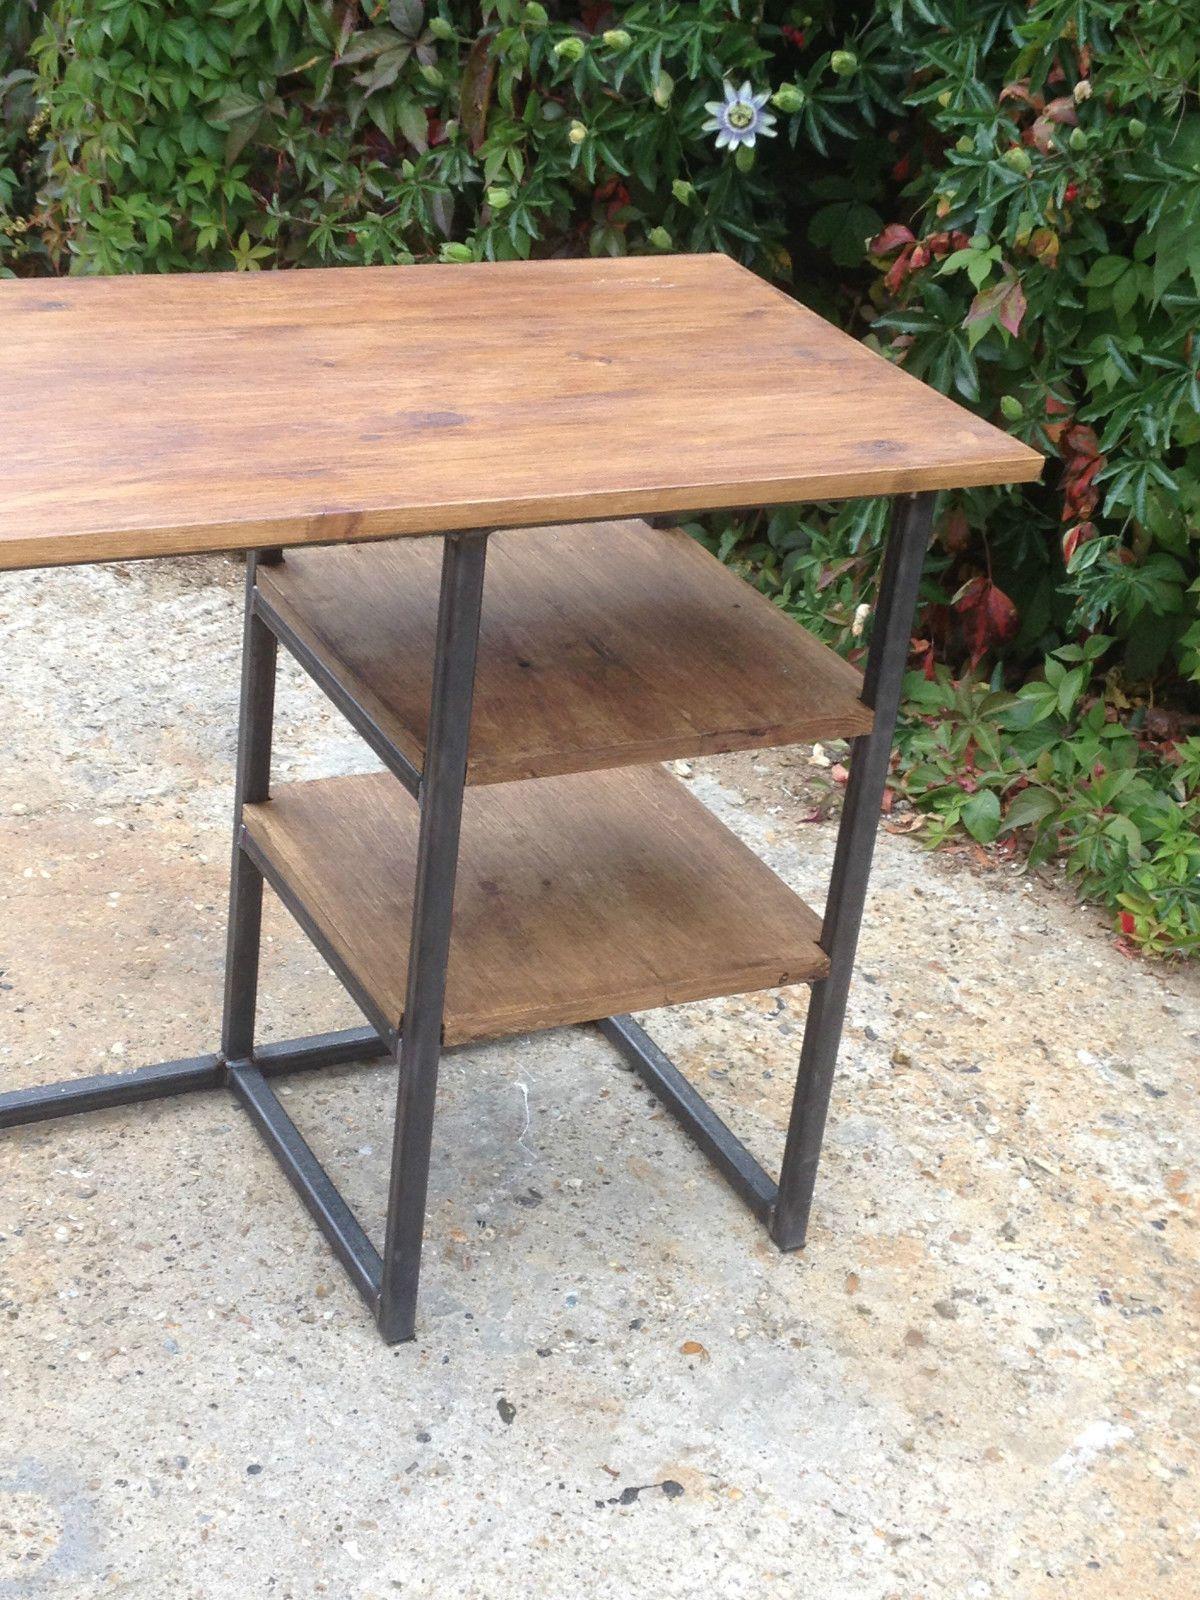 vintage home office desk. vintage modern rustic industrial home office desk metal frame with shelves